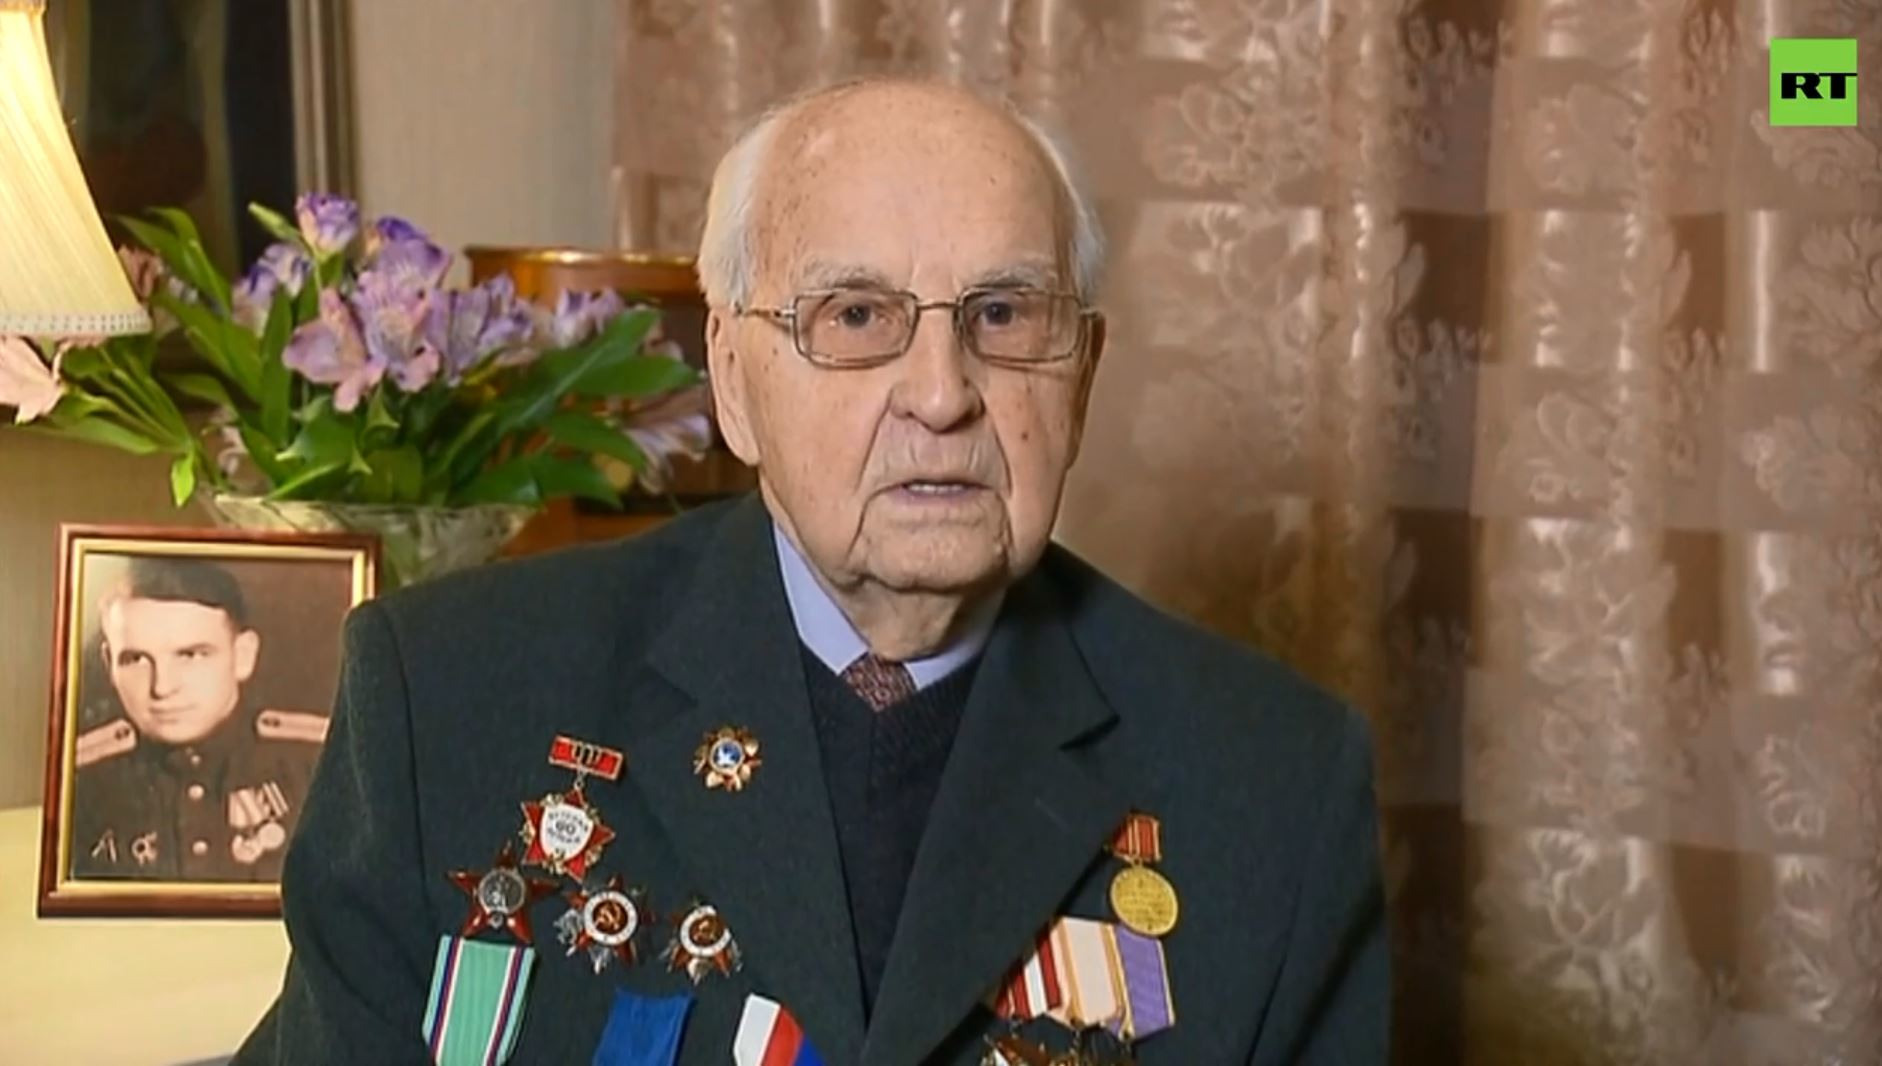 Russischer Kriegsveteran zu Aussagen des polnischen Premiers über 2. Weltkrieg: Gezielte Propaganda